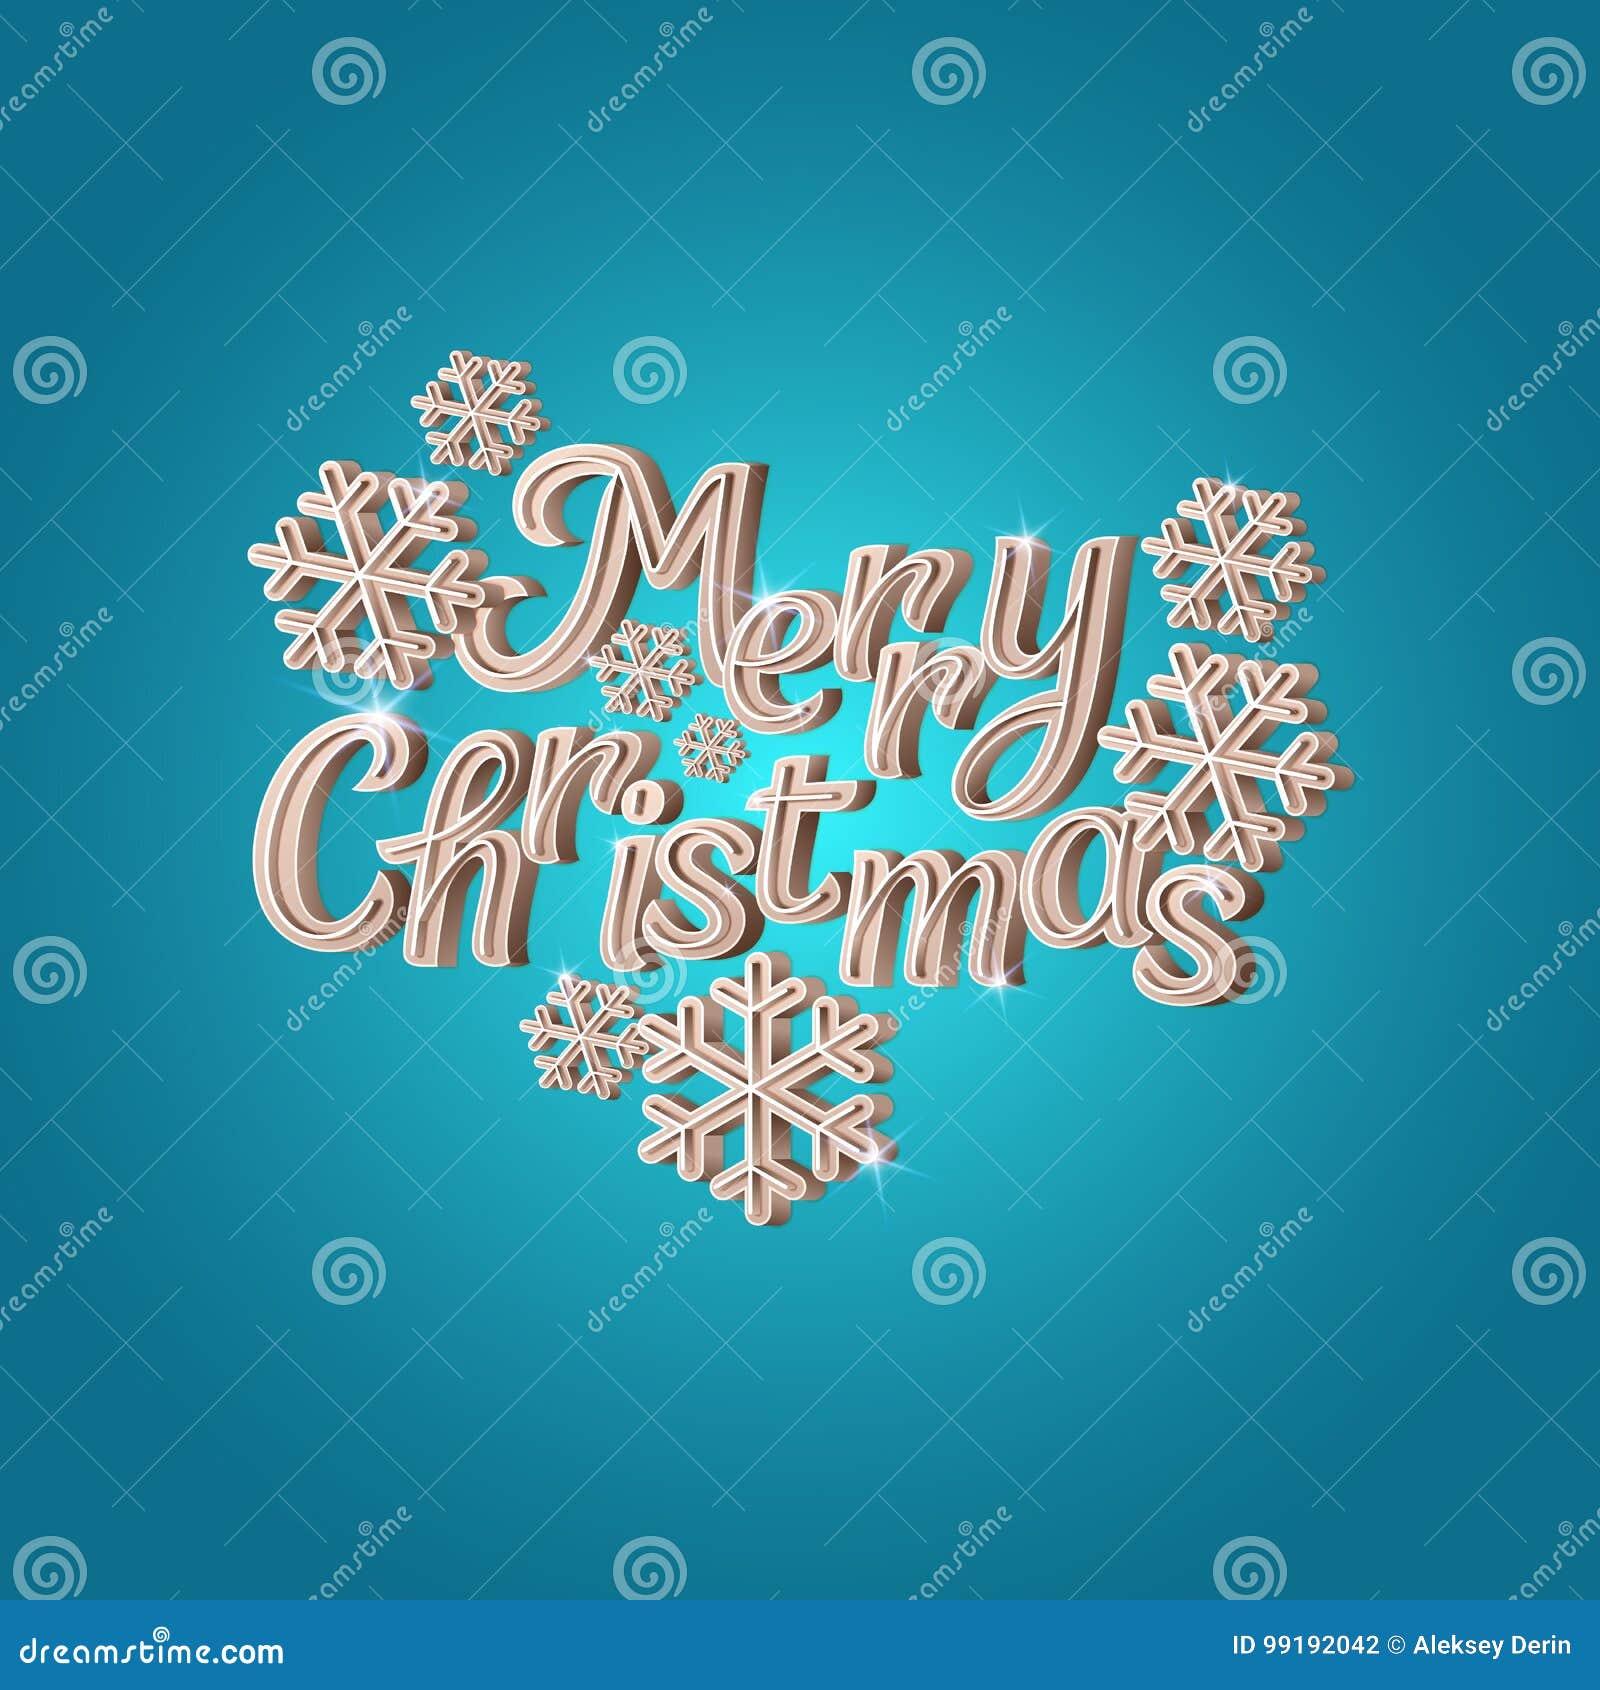 Frases Y Citas Para Navidad.Feliz Navidad Y Feliz Ano Nuevo Mano Moderna Dibujada